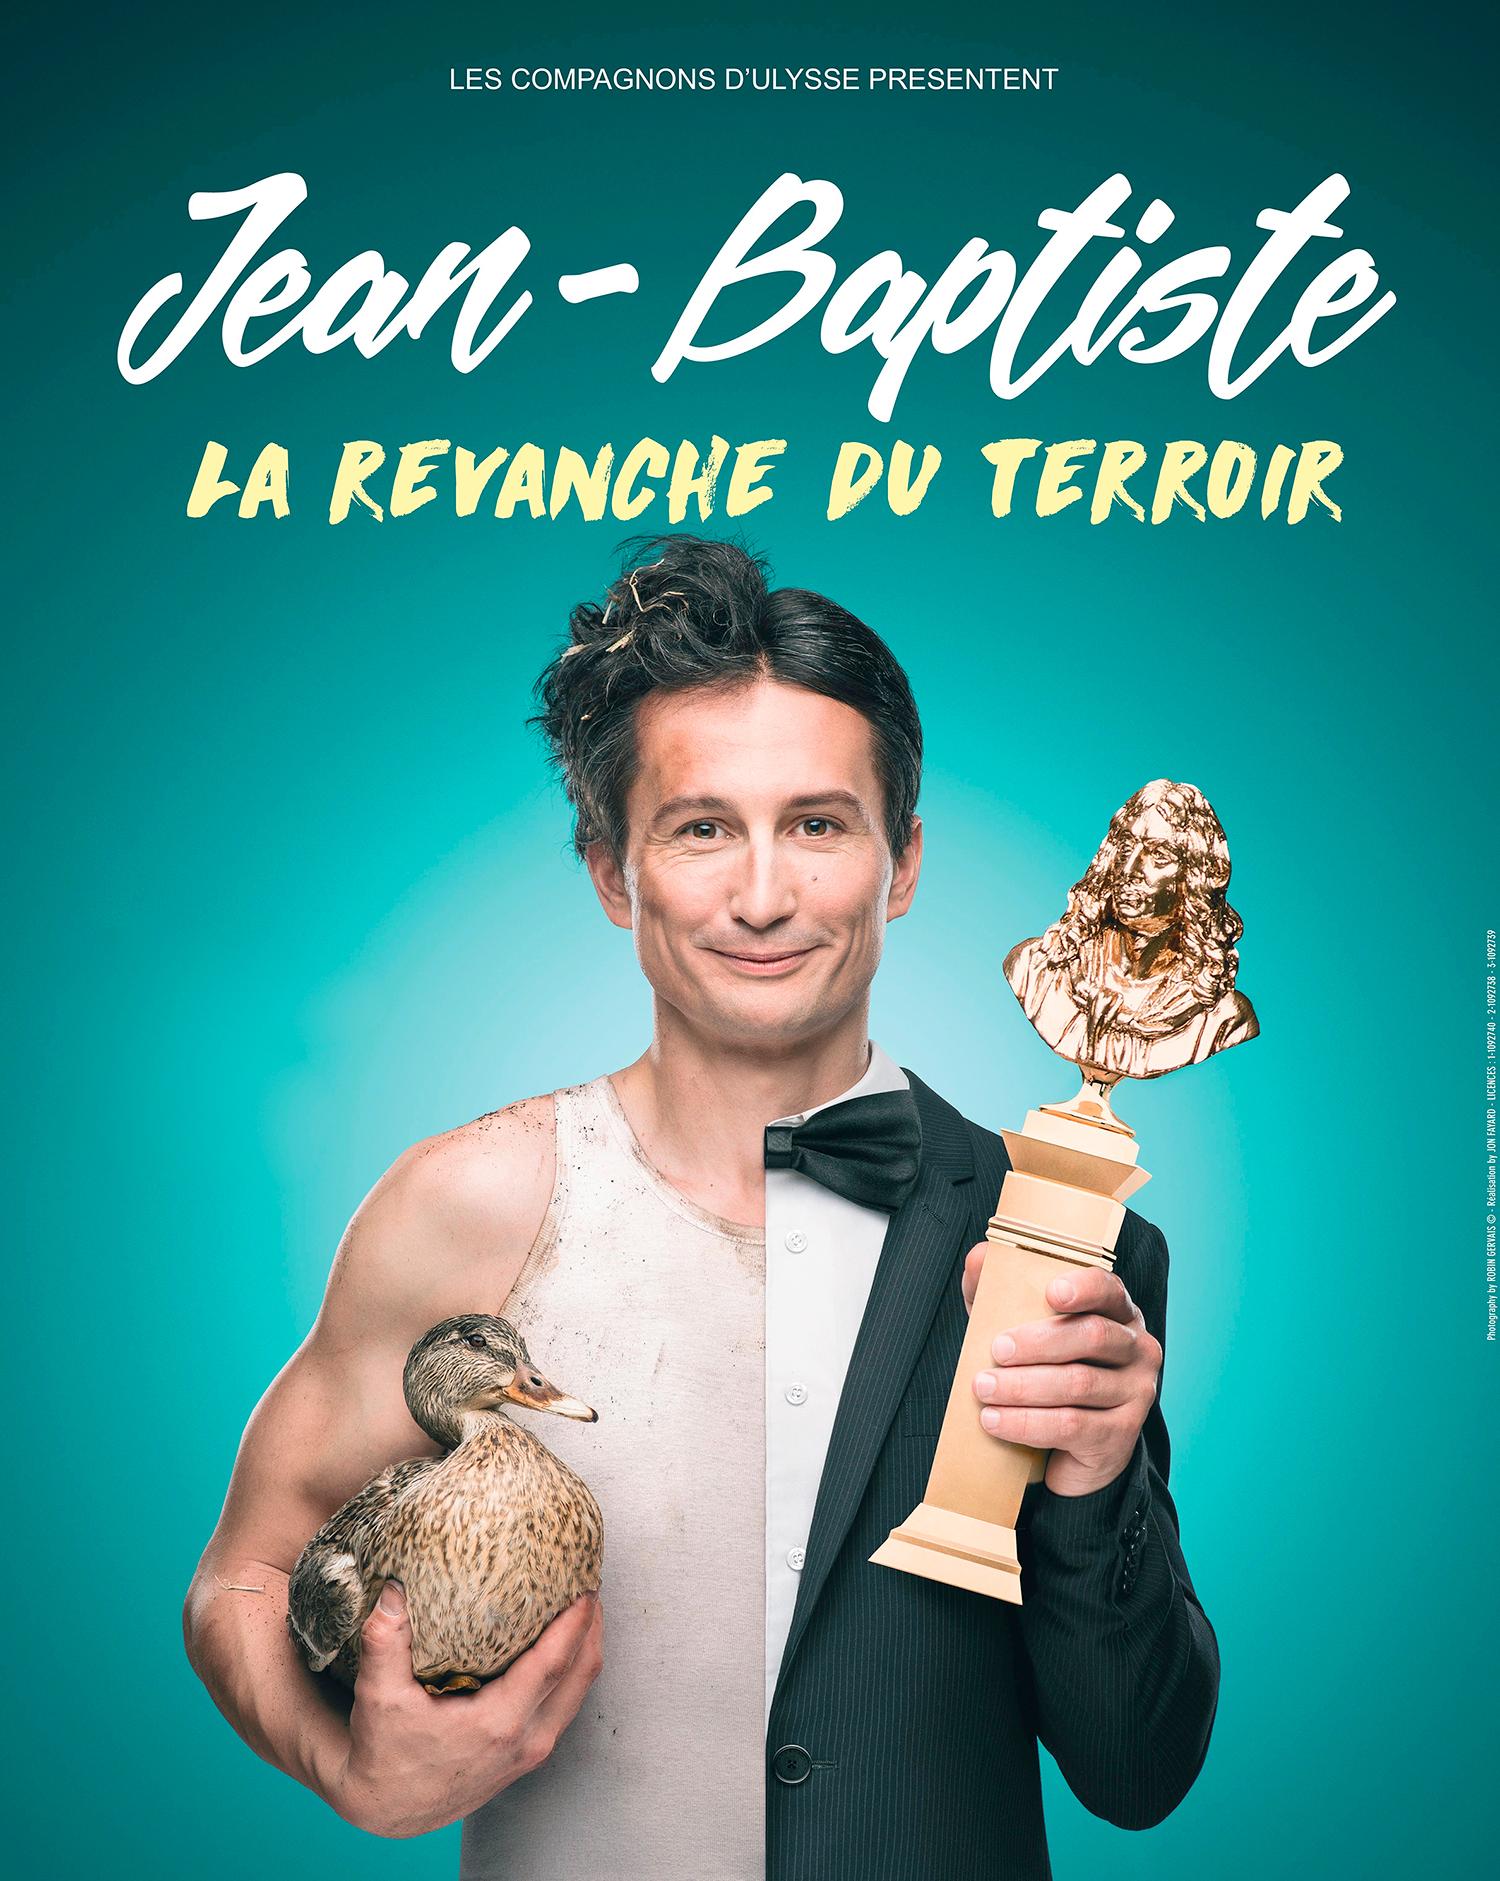 Jean-Baptiste, le 19 Janvier - Café-Théâtre le Lézard